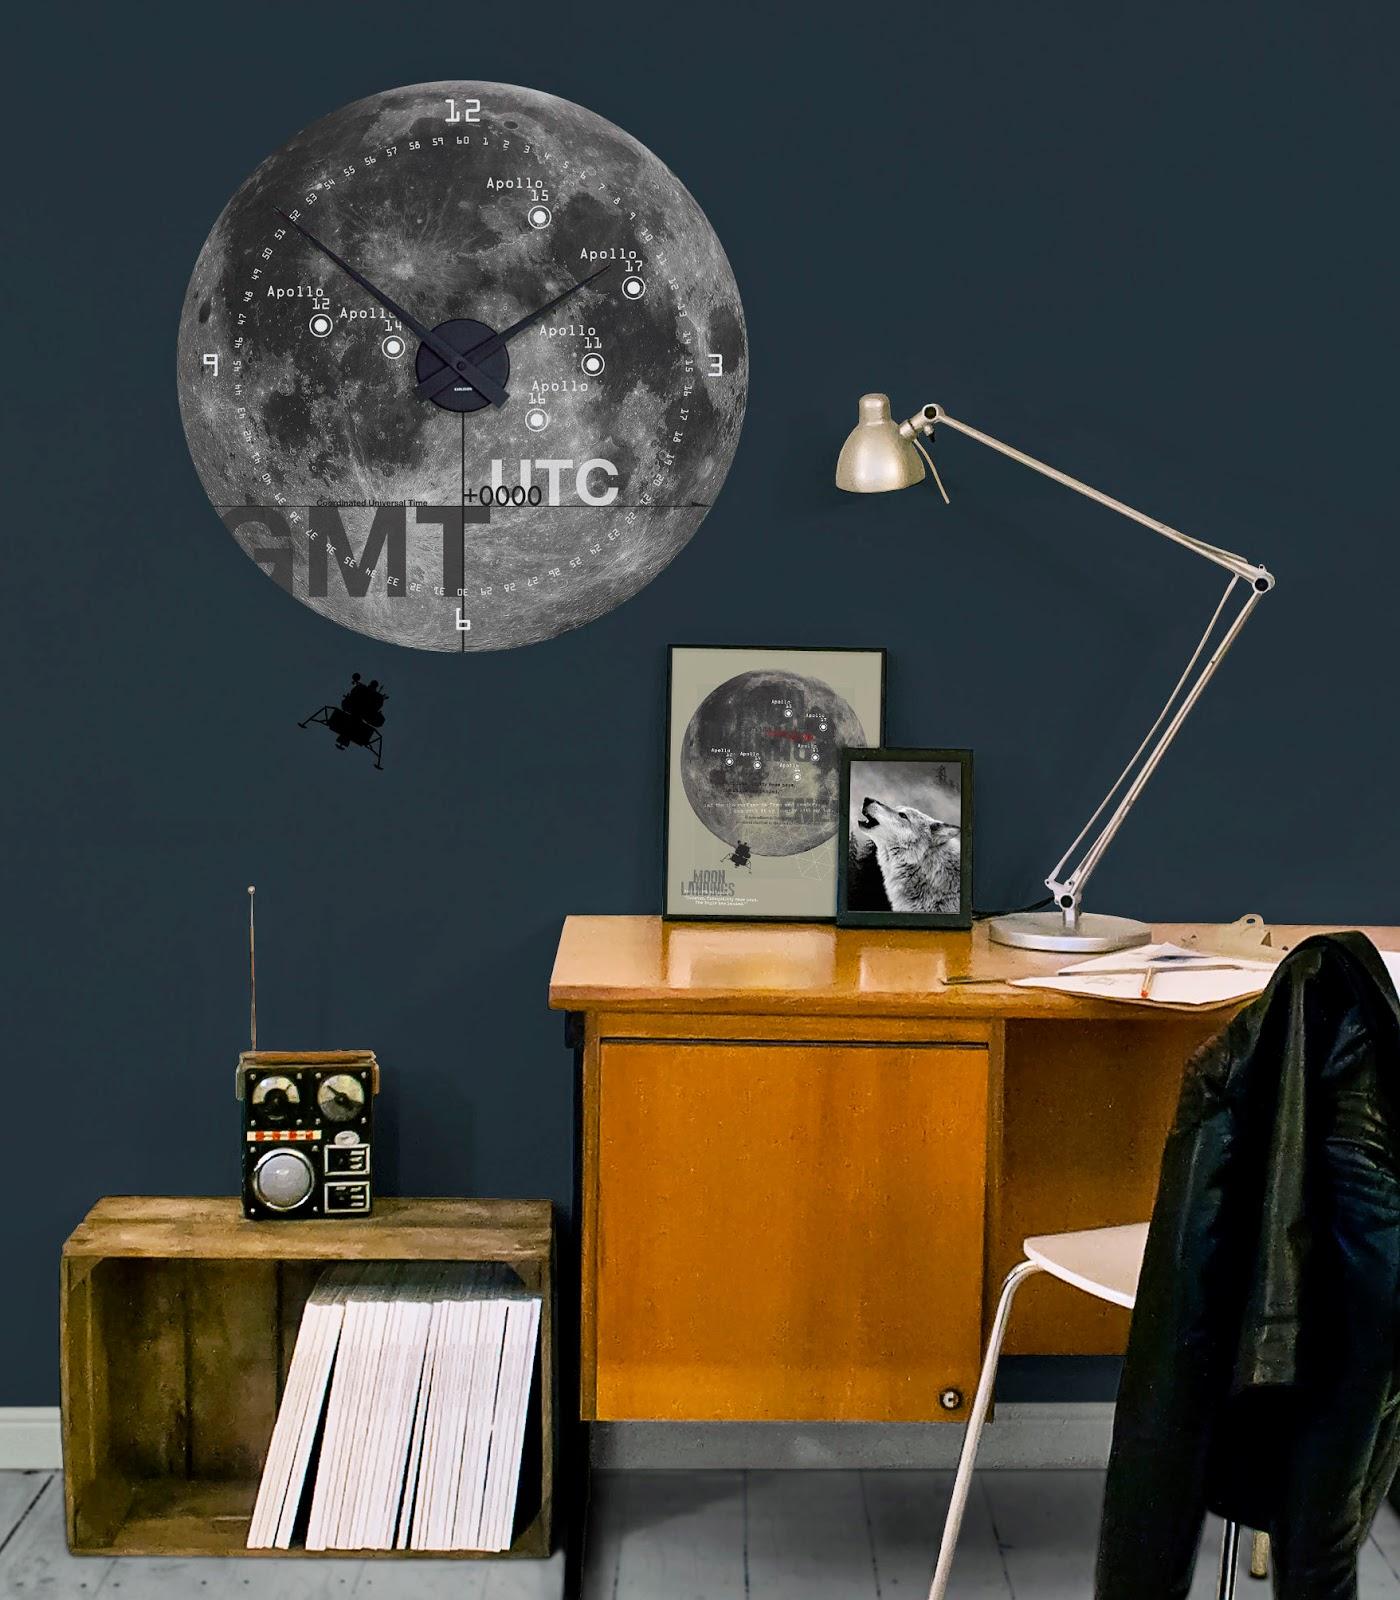 http://1.bp.blogspot.com/-XvdalVmwuzU/VQhCfpFn3eI/AAAAAAAADZ0/NaOZdX_A2vk/s1600/Lunar%2Bclock%2Bin%2Bstudy%2Bcrop.jpg